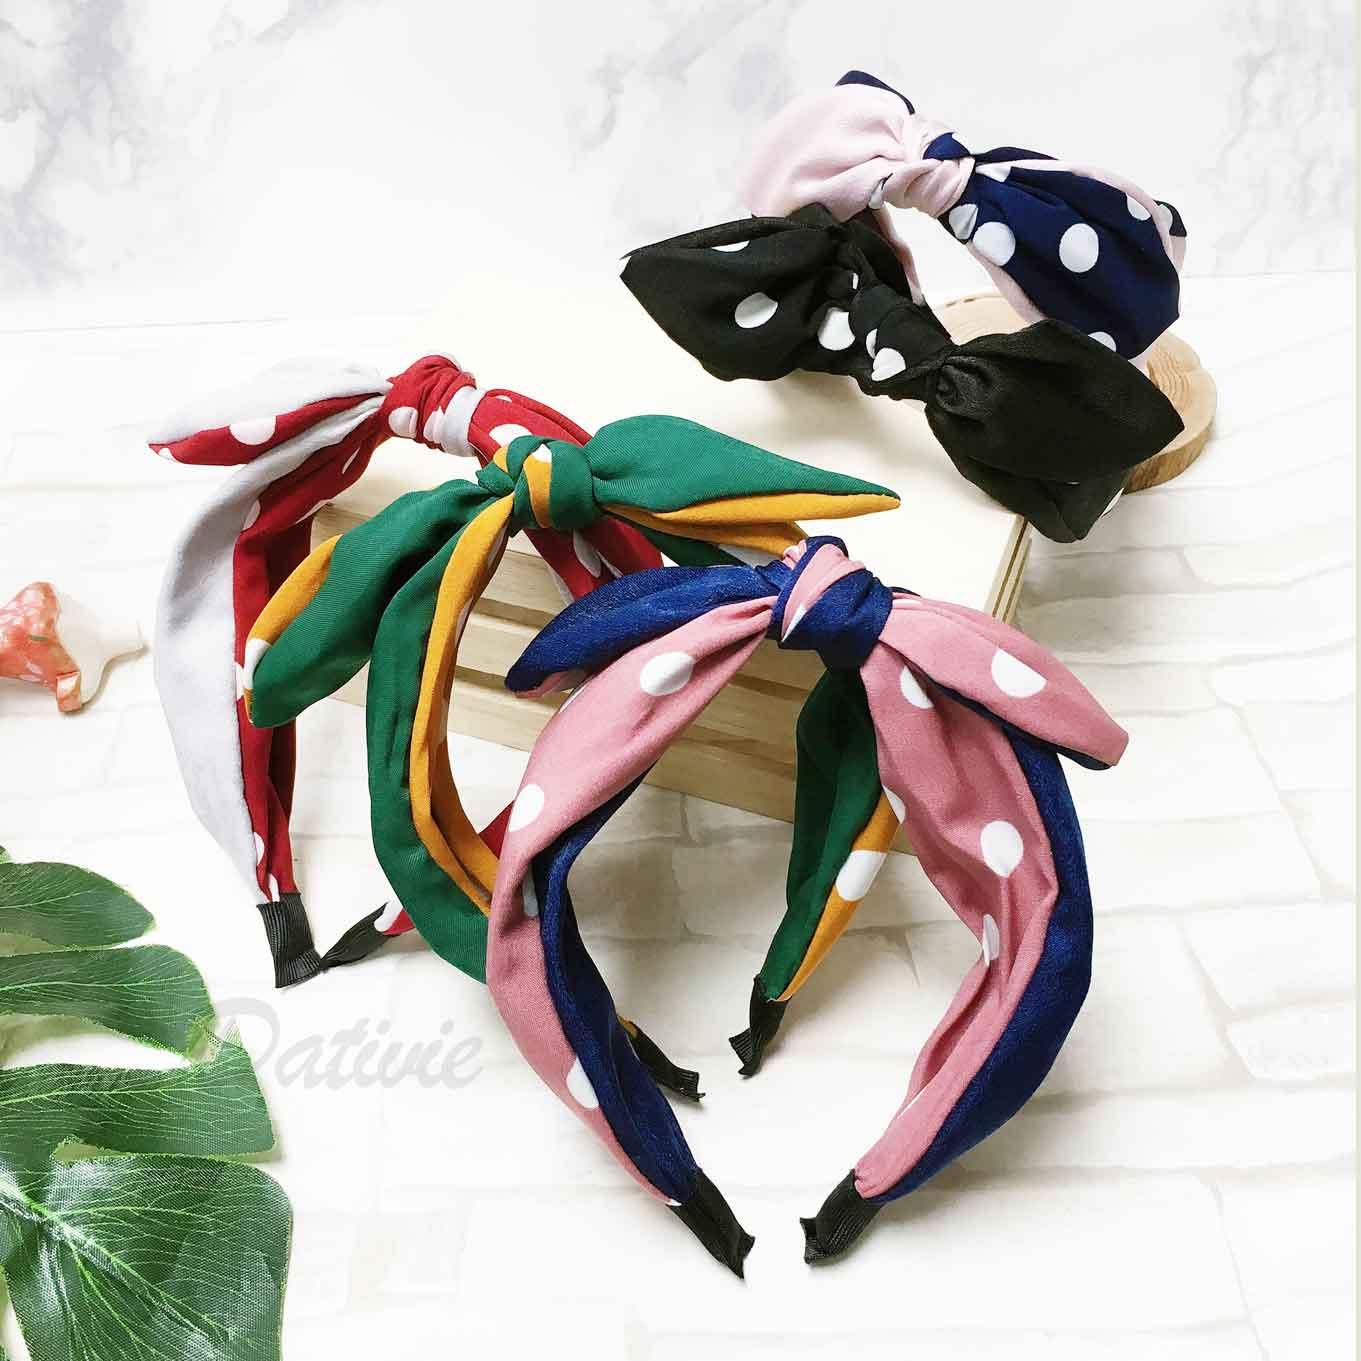 點點 白圓點點 蝴蝶結 可愛復古風 5色 髮飾 髮箍 頭箍